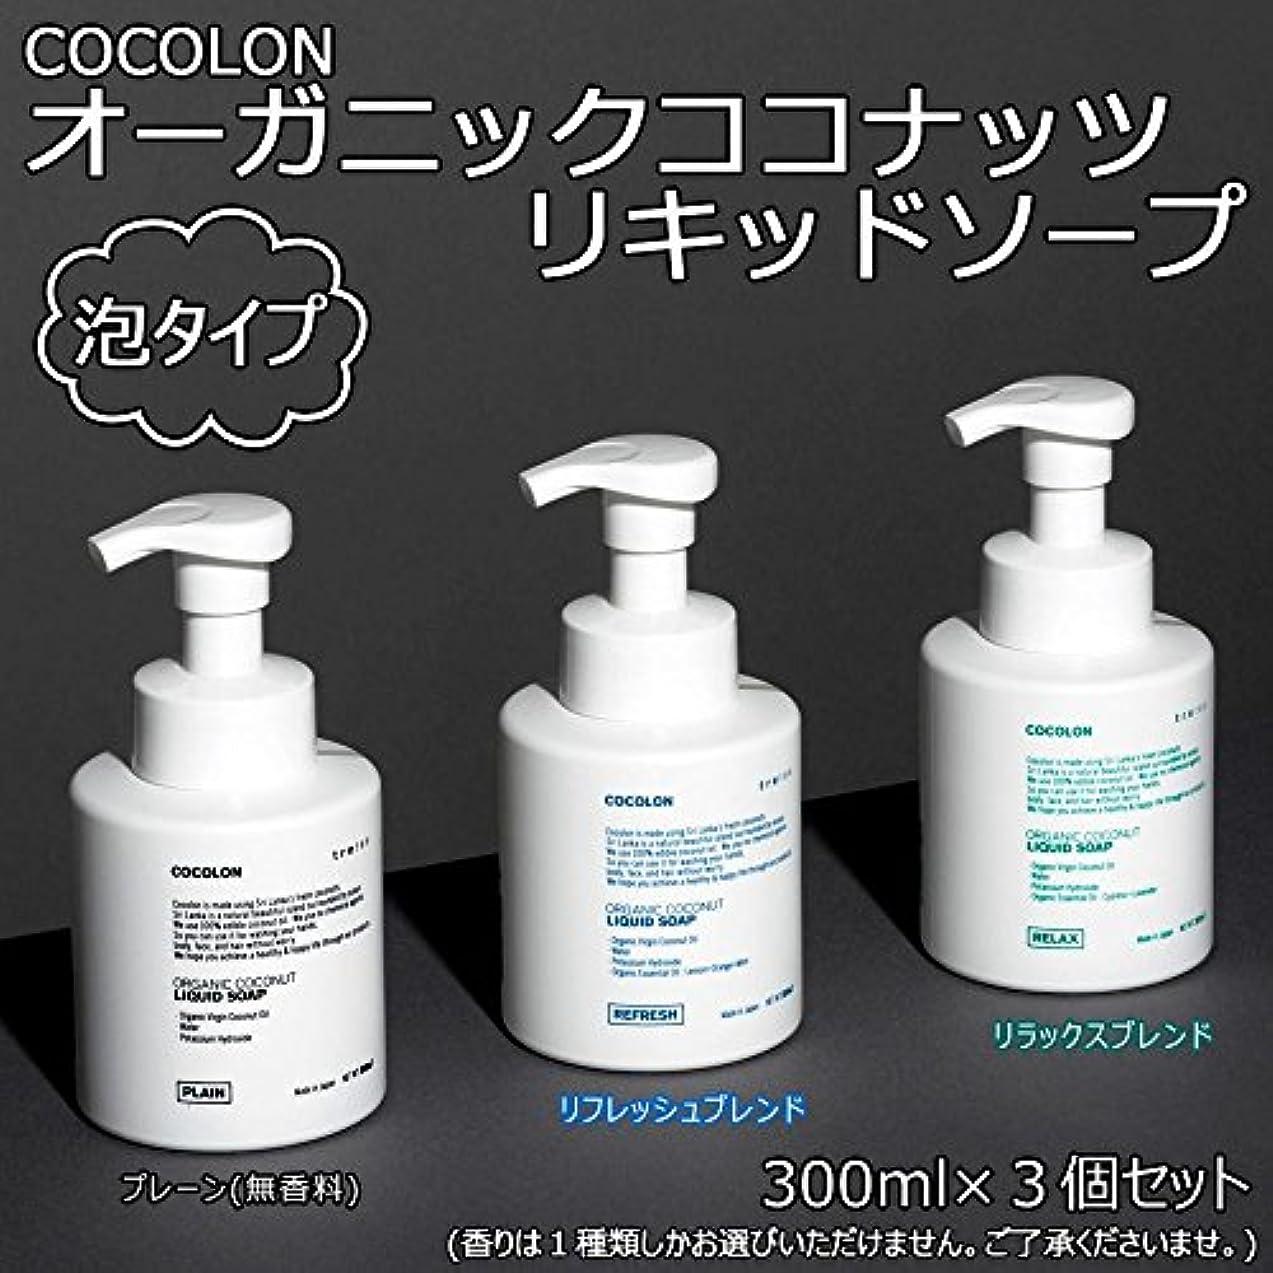 ビーム批判偏差COCOLON ココロン オーガニックココナッツリキッドソープ 泡タイプ 300ml 3個セット【同梱?代引不可】 ■3種類の内「リフレッシュブレンド」のみです